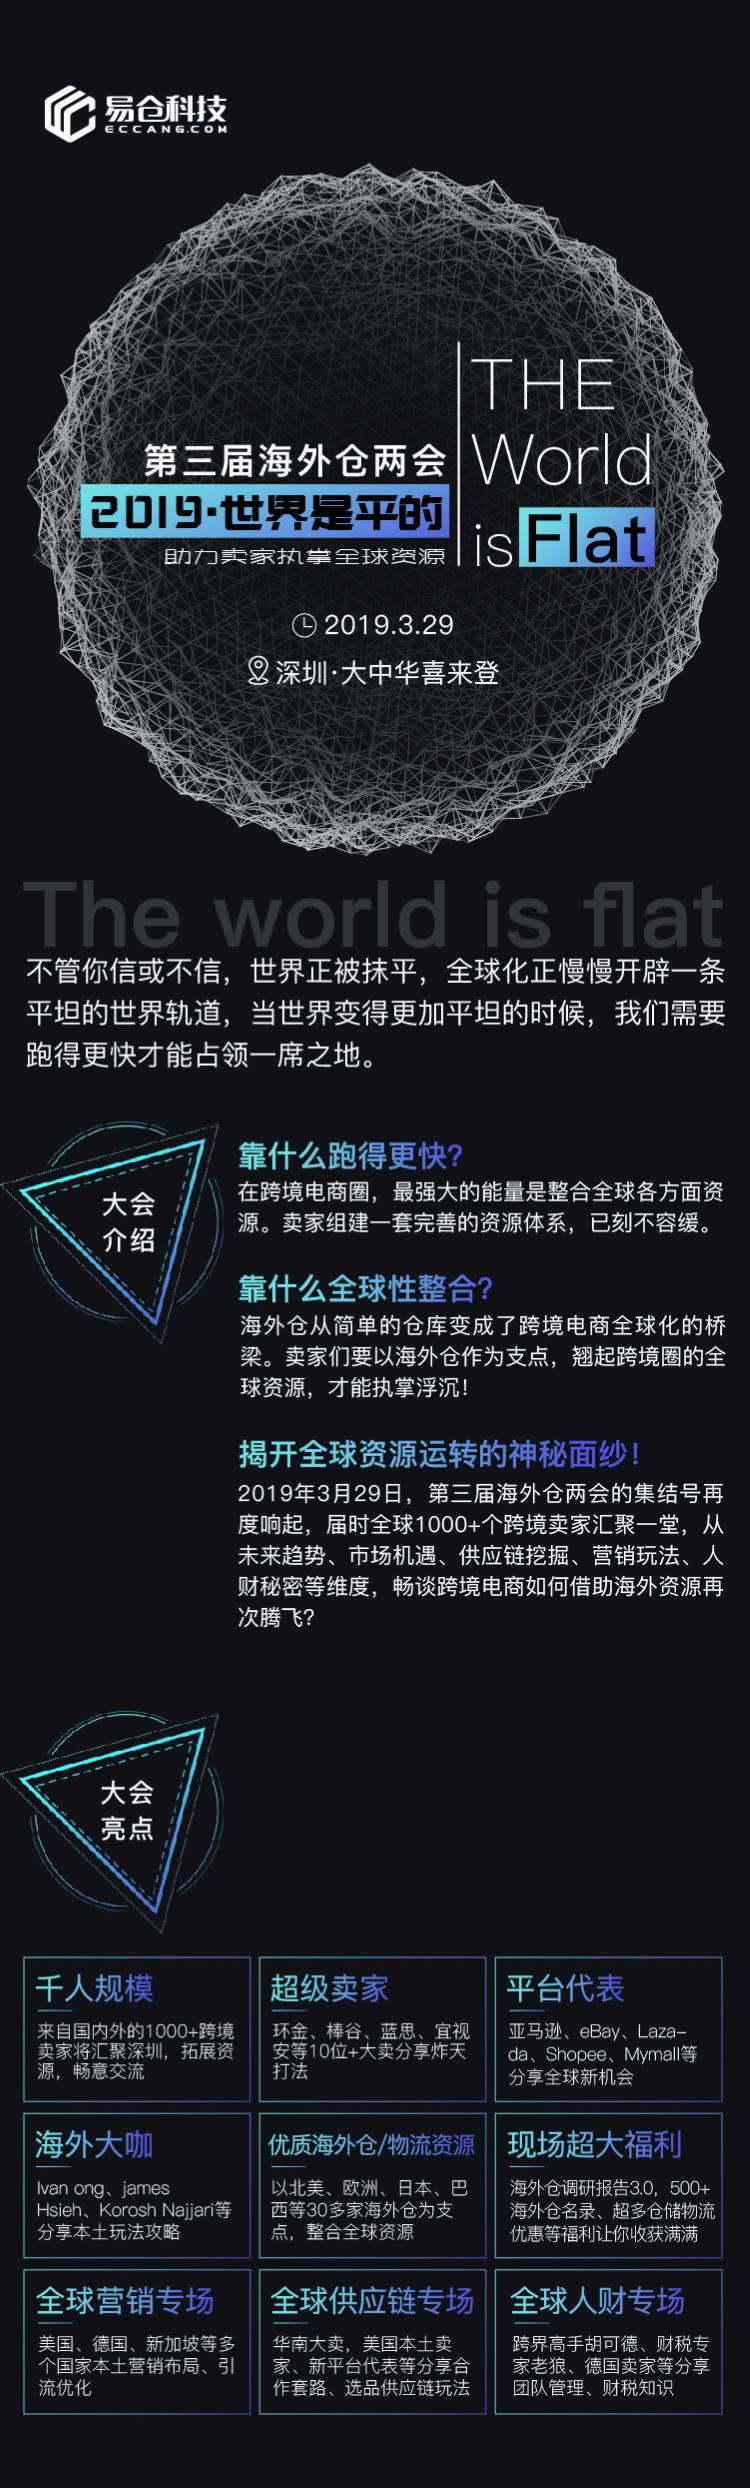 活动邀请丨第三届海外仓两会——2019·世界是平的